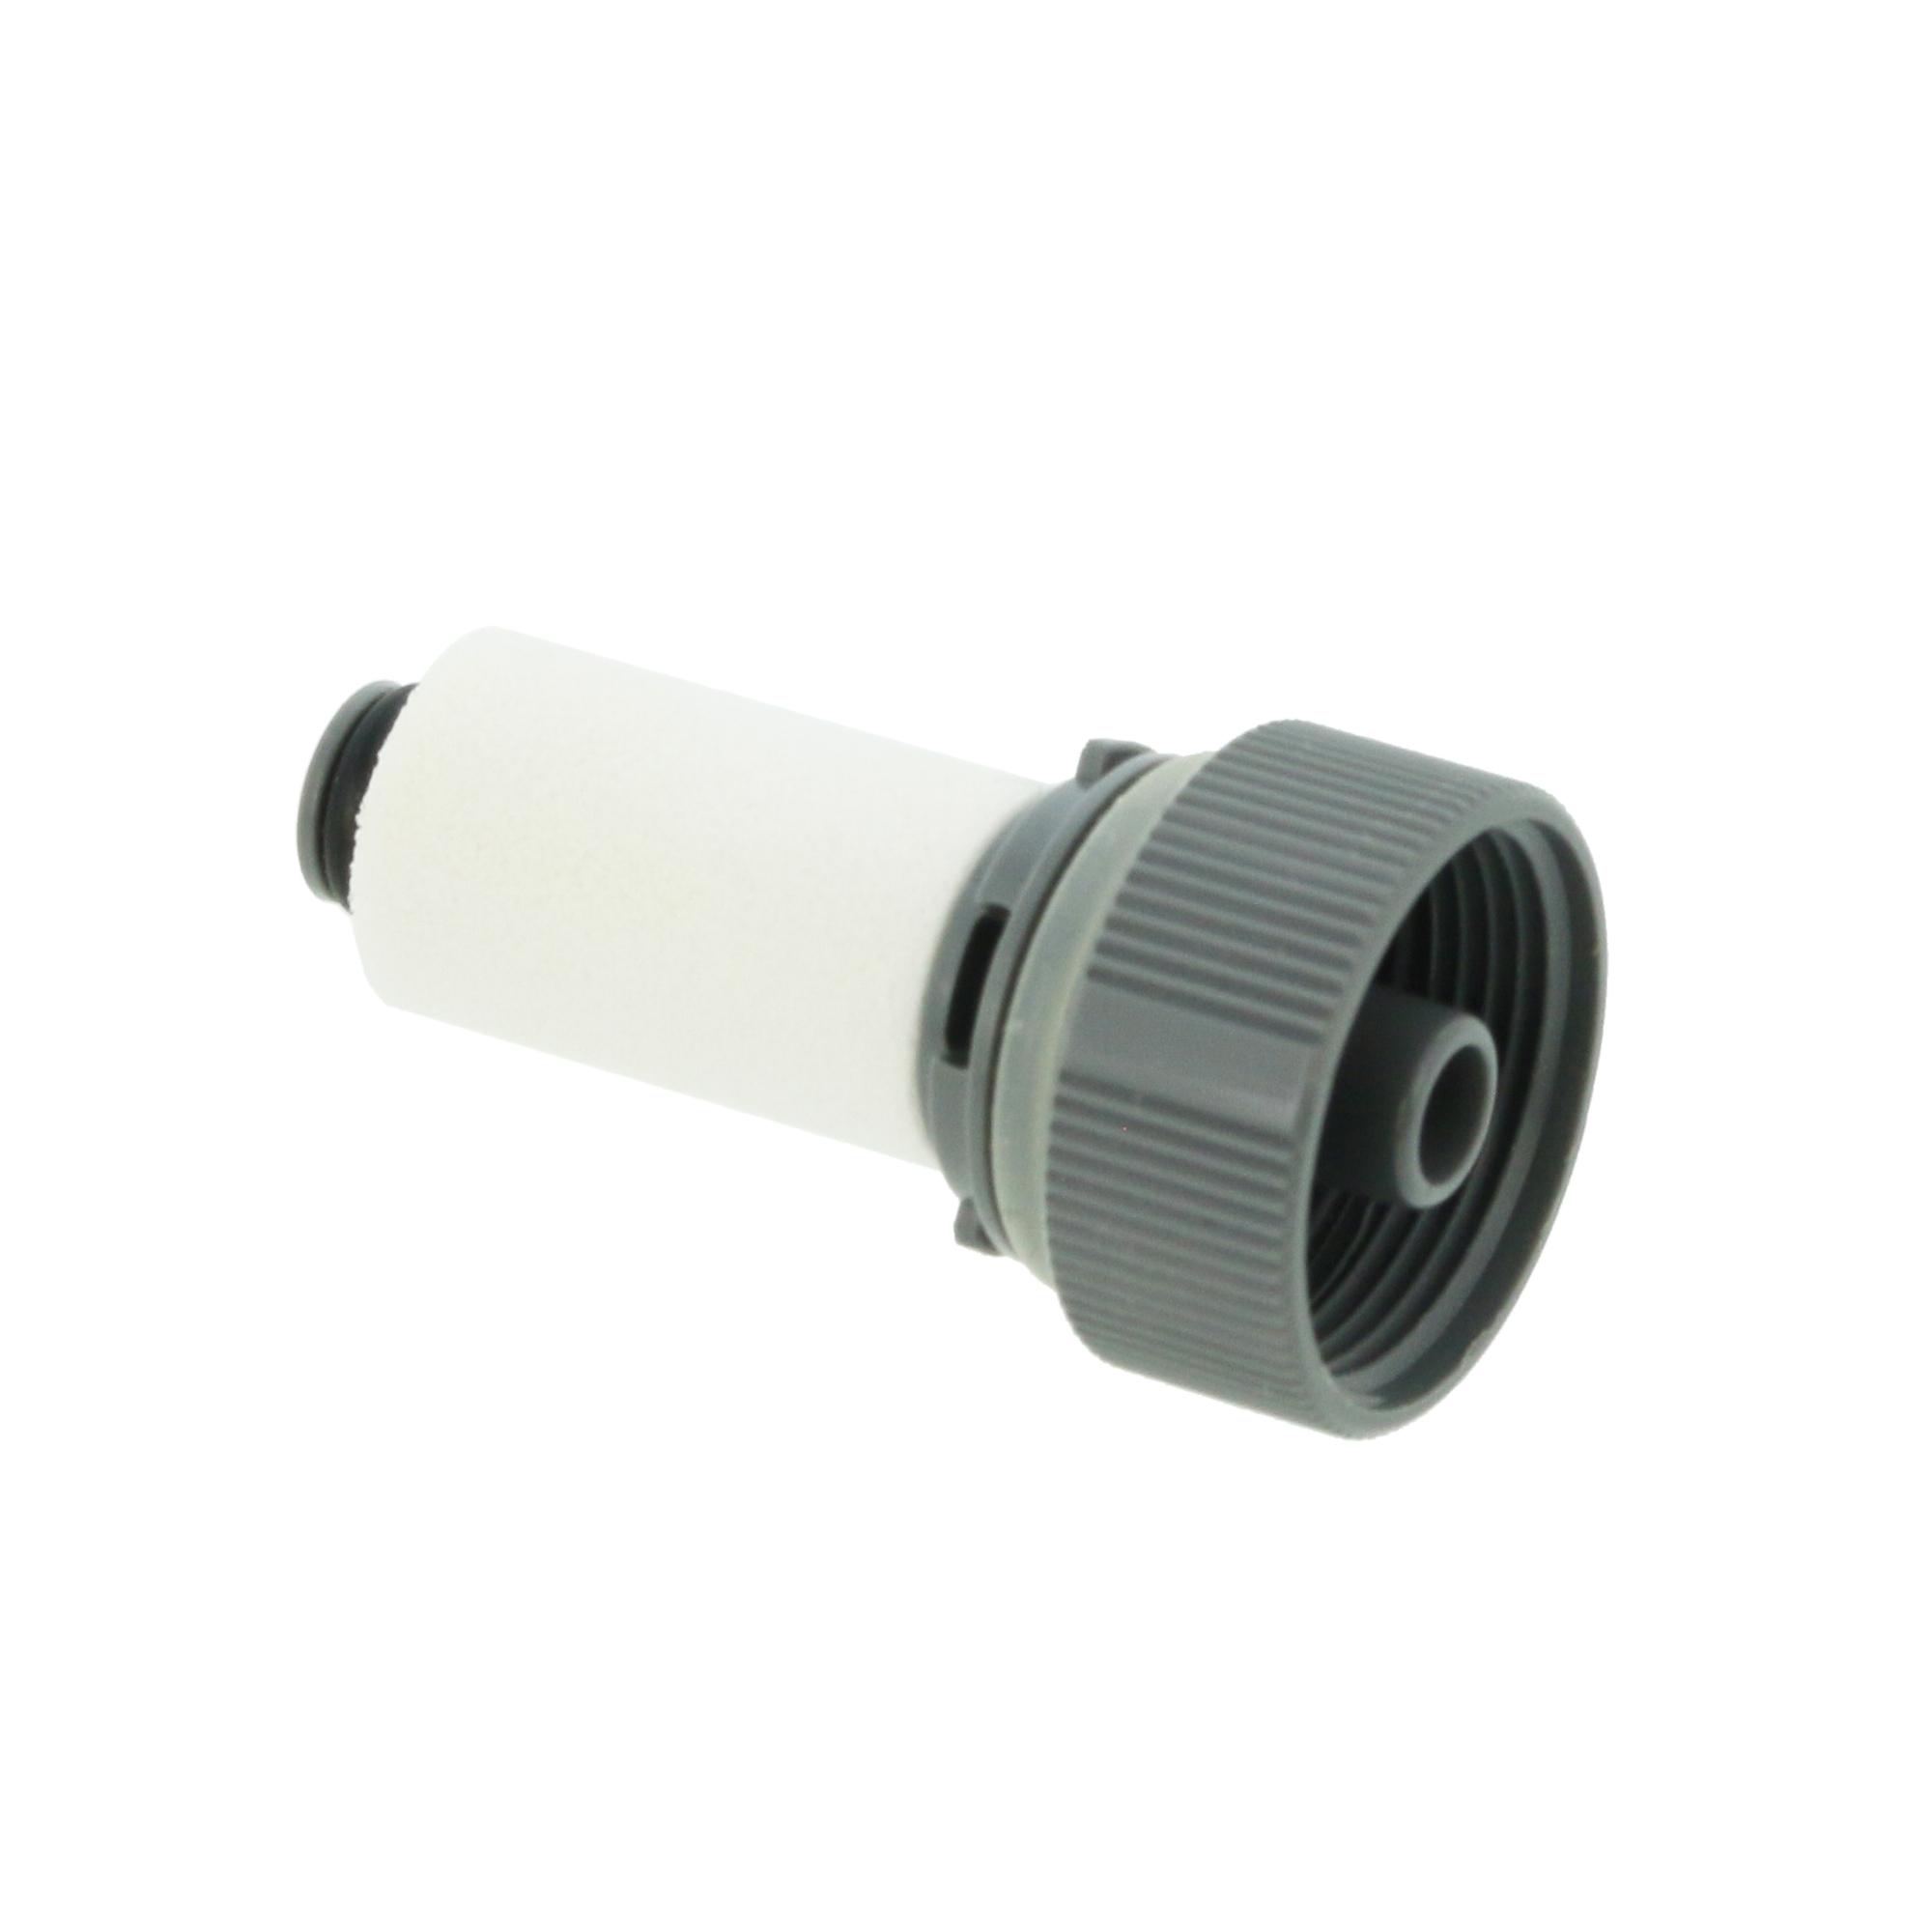 吸引口セット MP-W5P用(CEマーキング品)